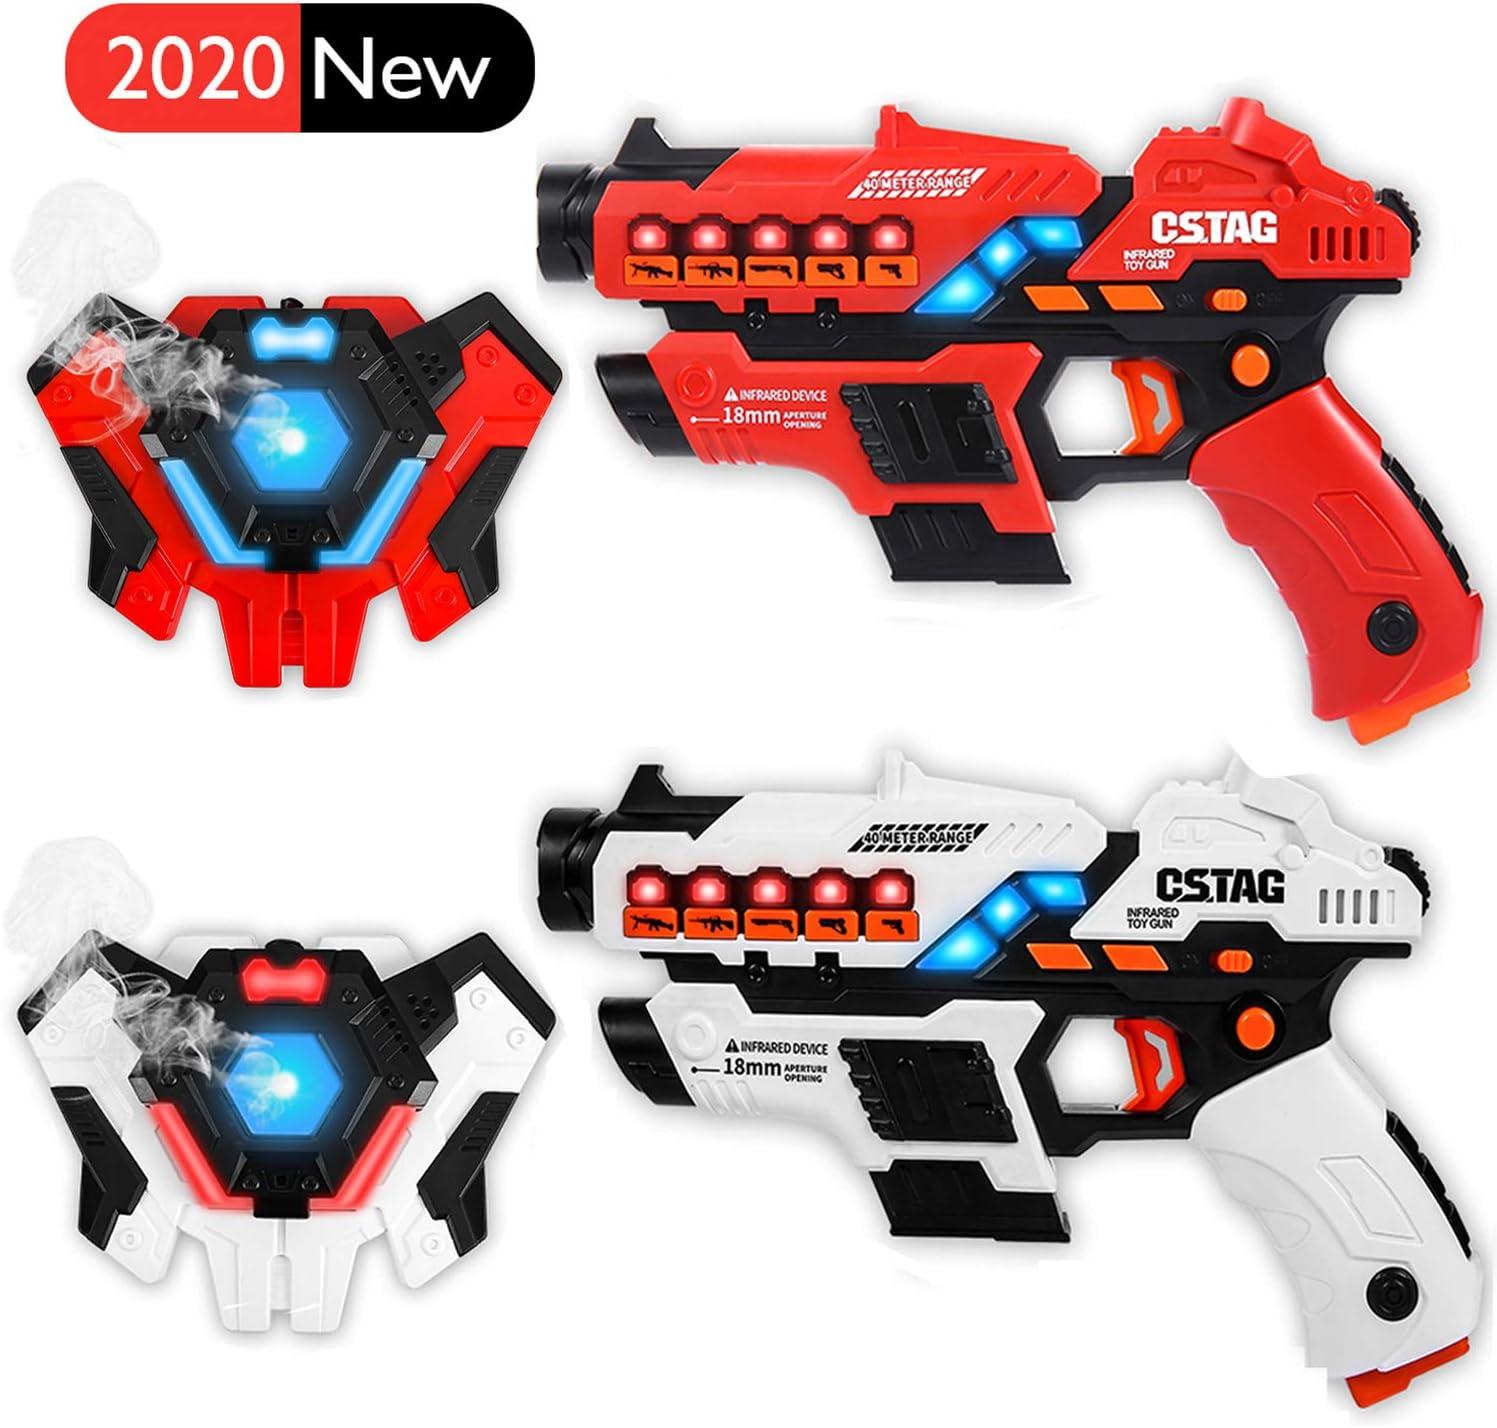 Linksky Infrarrojos Laser Tag para niños , 2 Juegos de Juguetes con Pistolas Laser 5 Modos de Arma de Actividades grupales en Interiores y Exteriores Diversión